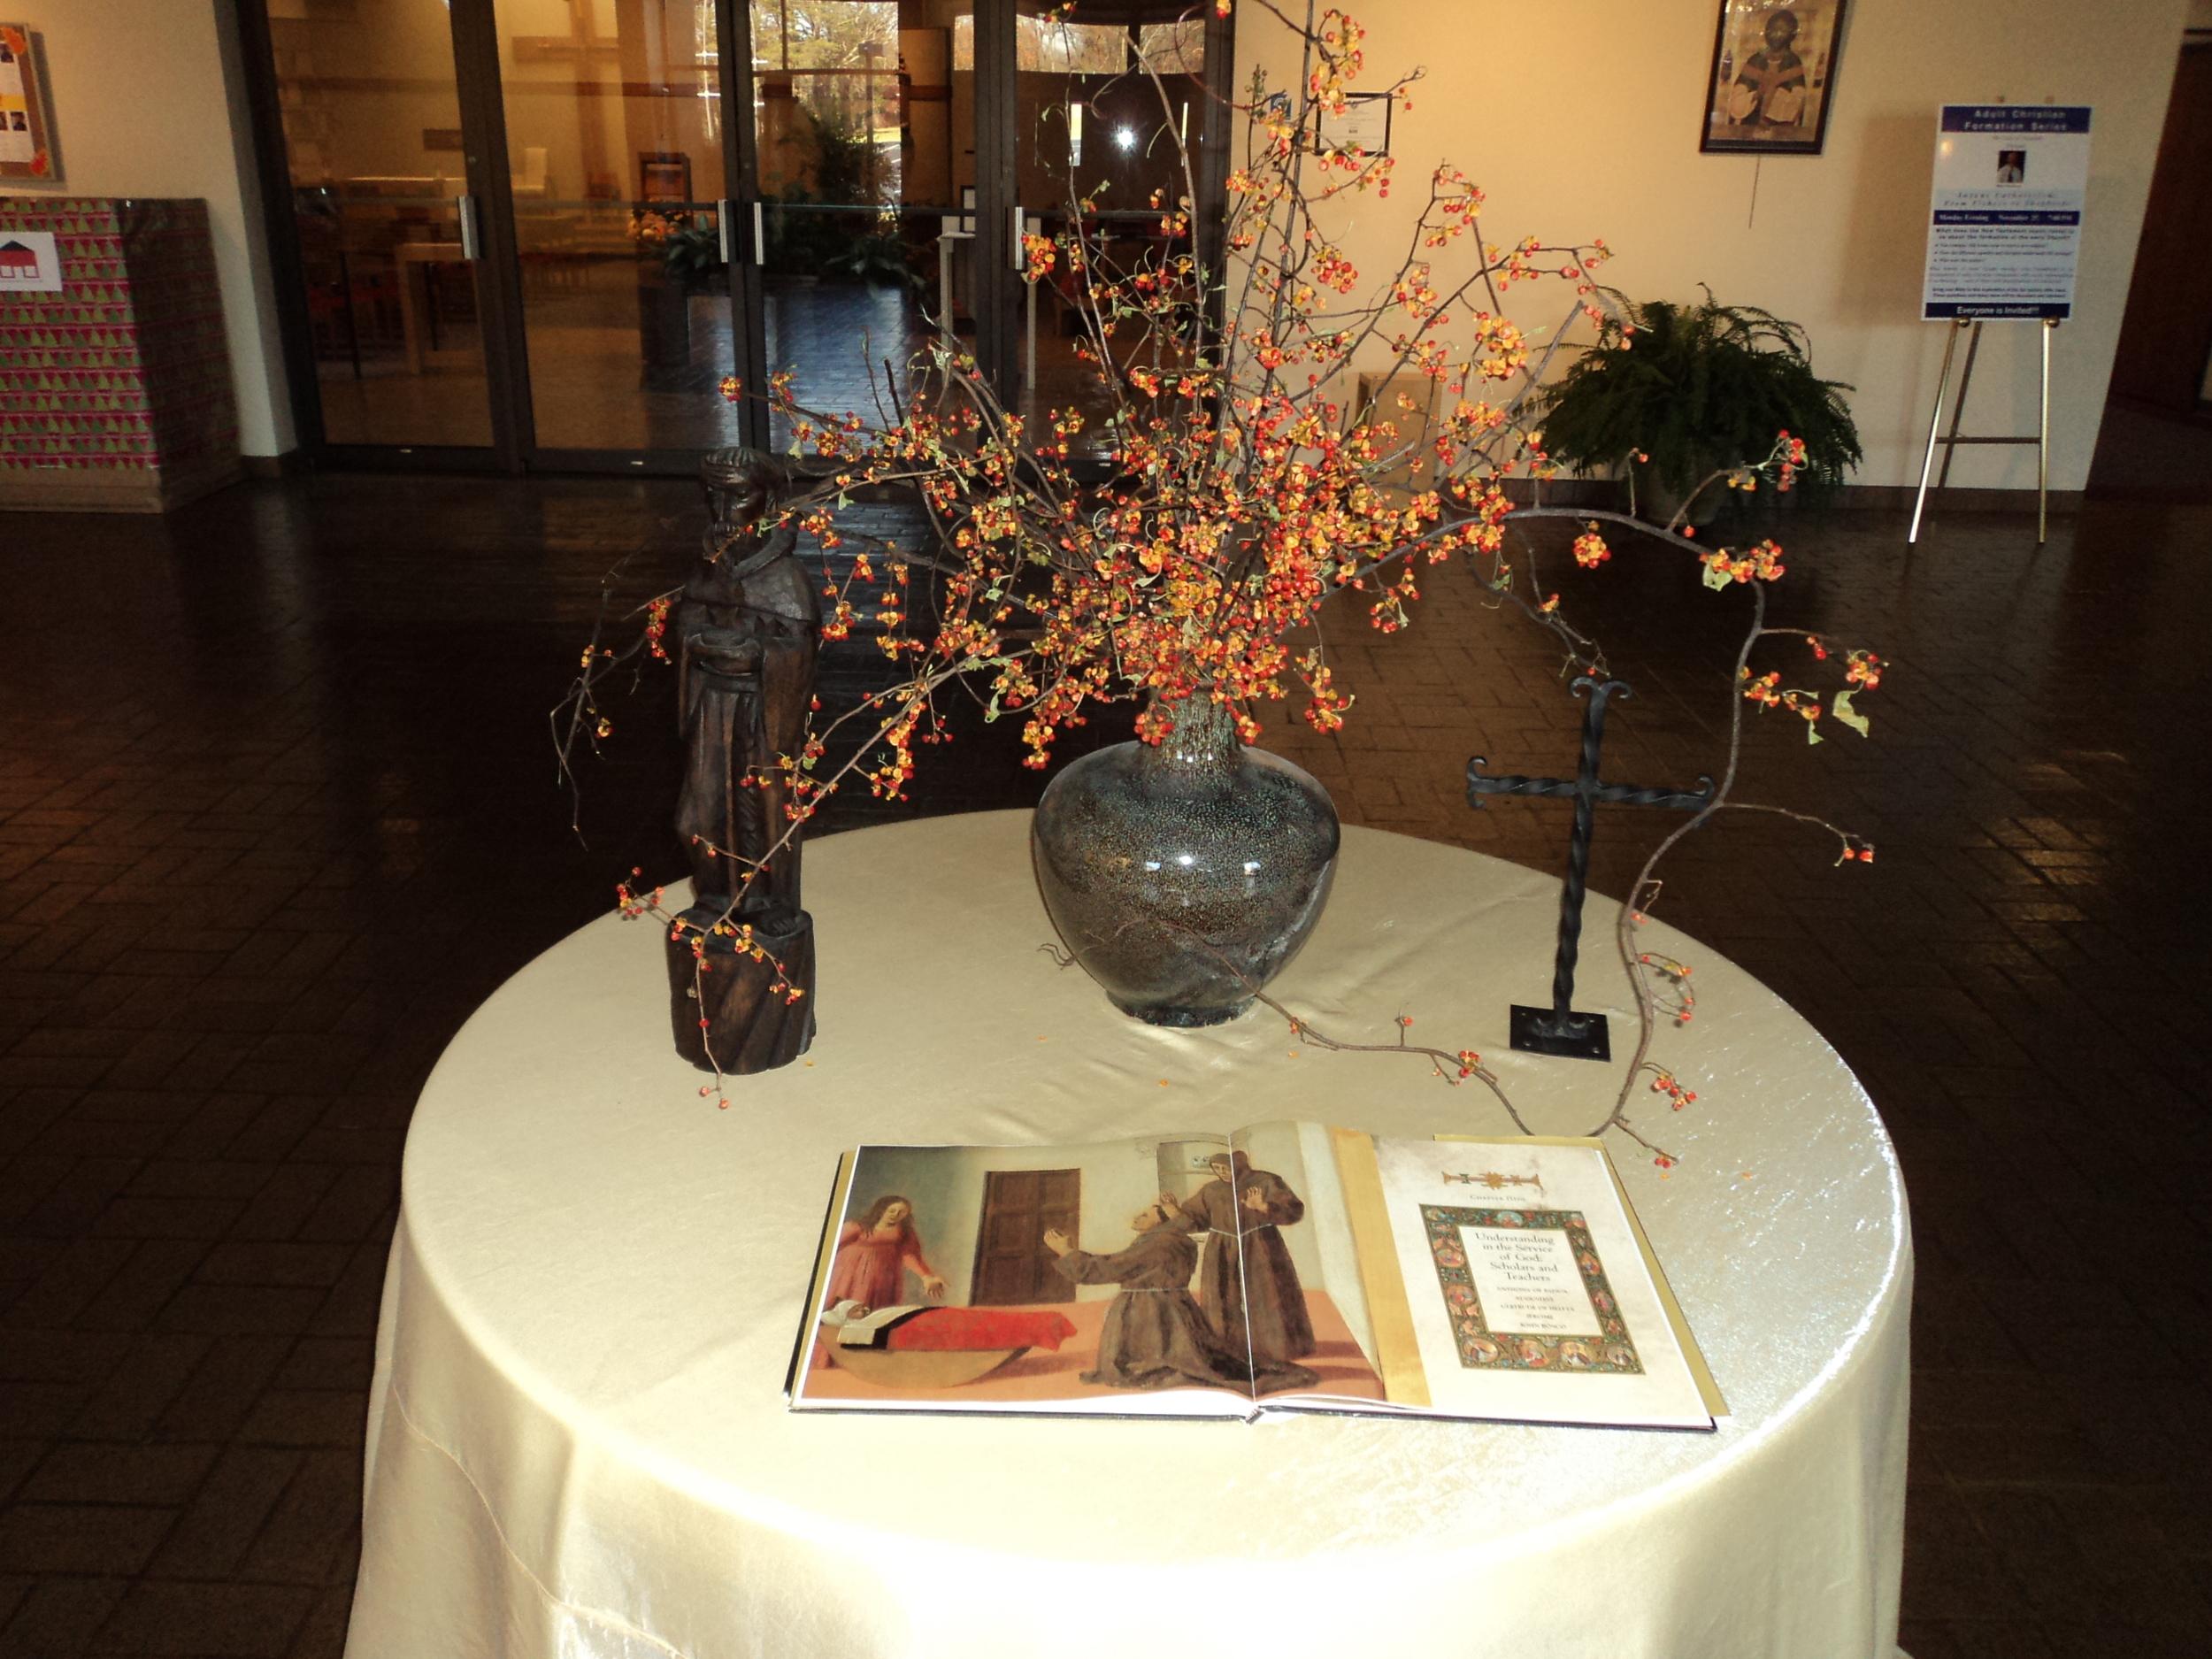 Saints floral table 2.JPG